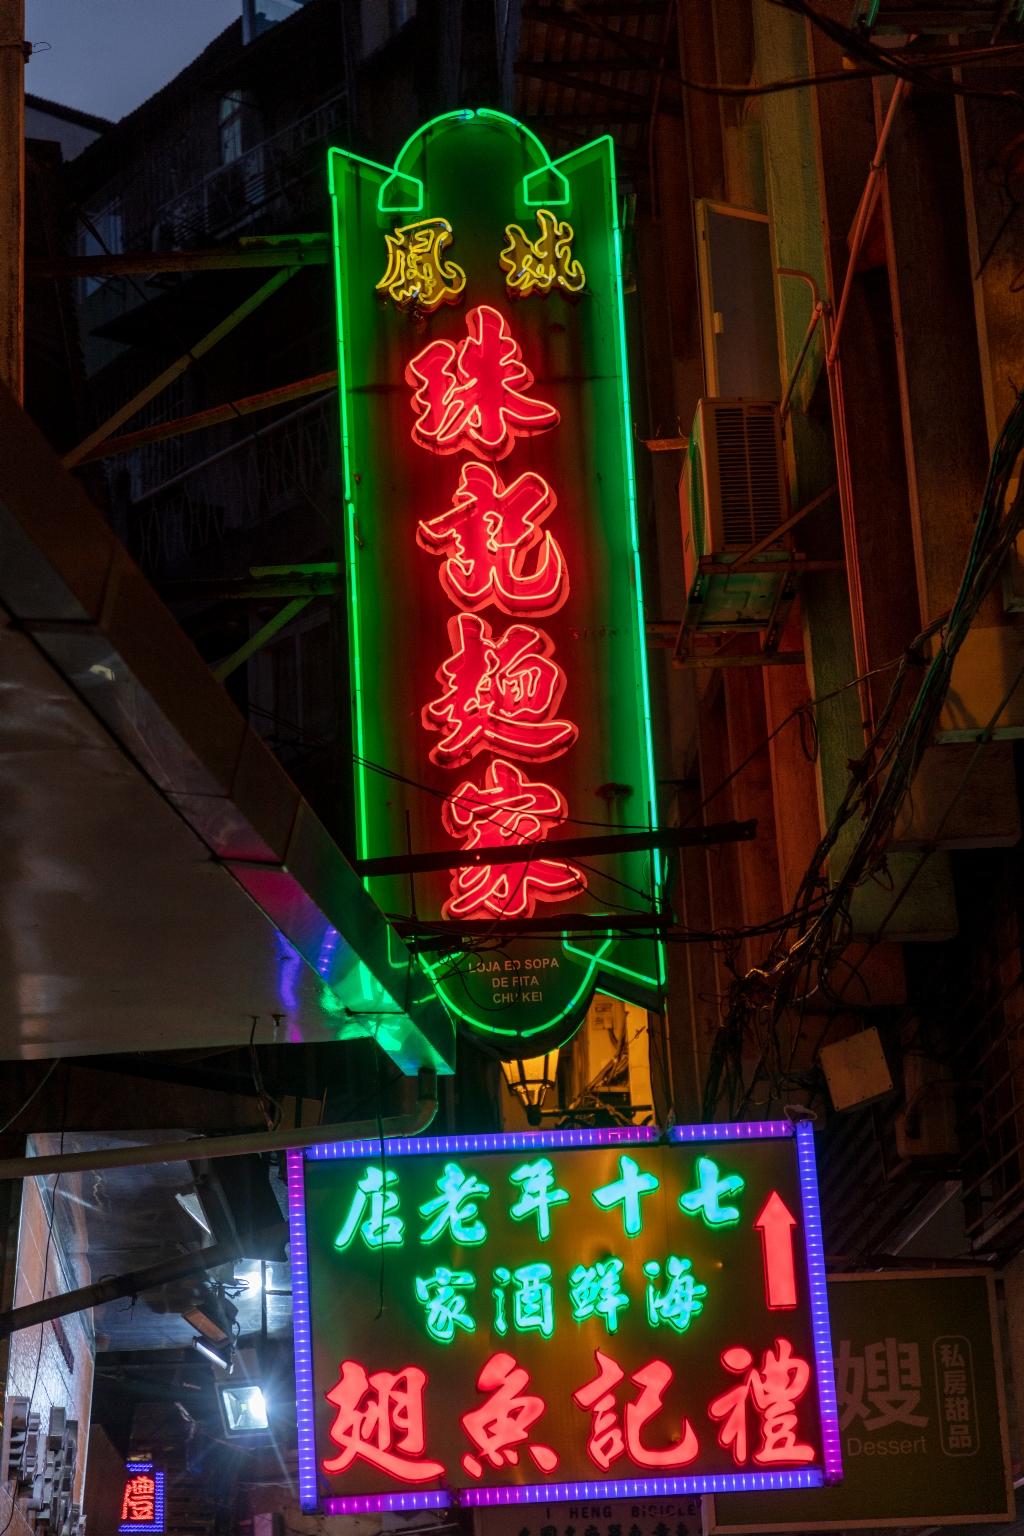 """天神巷,""""珠記麵家""""的霓虹燈招牌"""